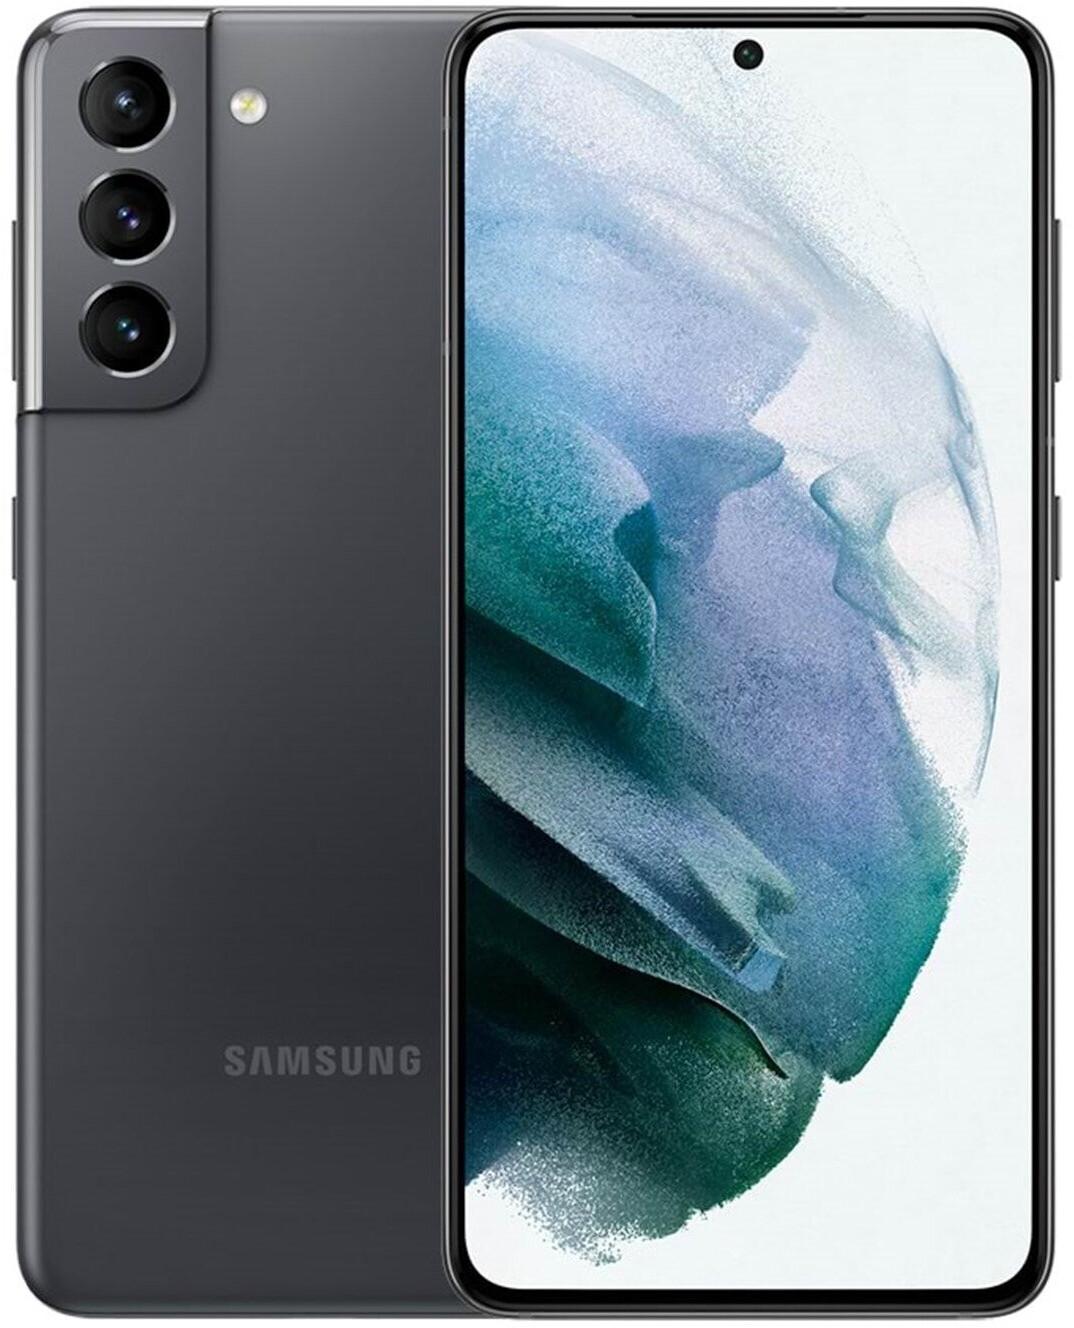 Samsung Galaxy S21 (128GB) + Galaxy Buds Live mit Vodafone Smart L+ (15GB LTE, VoLTE, WLAN Call) für 139€ ZZ & mtl. 34,91€